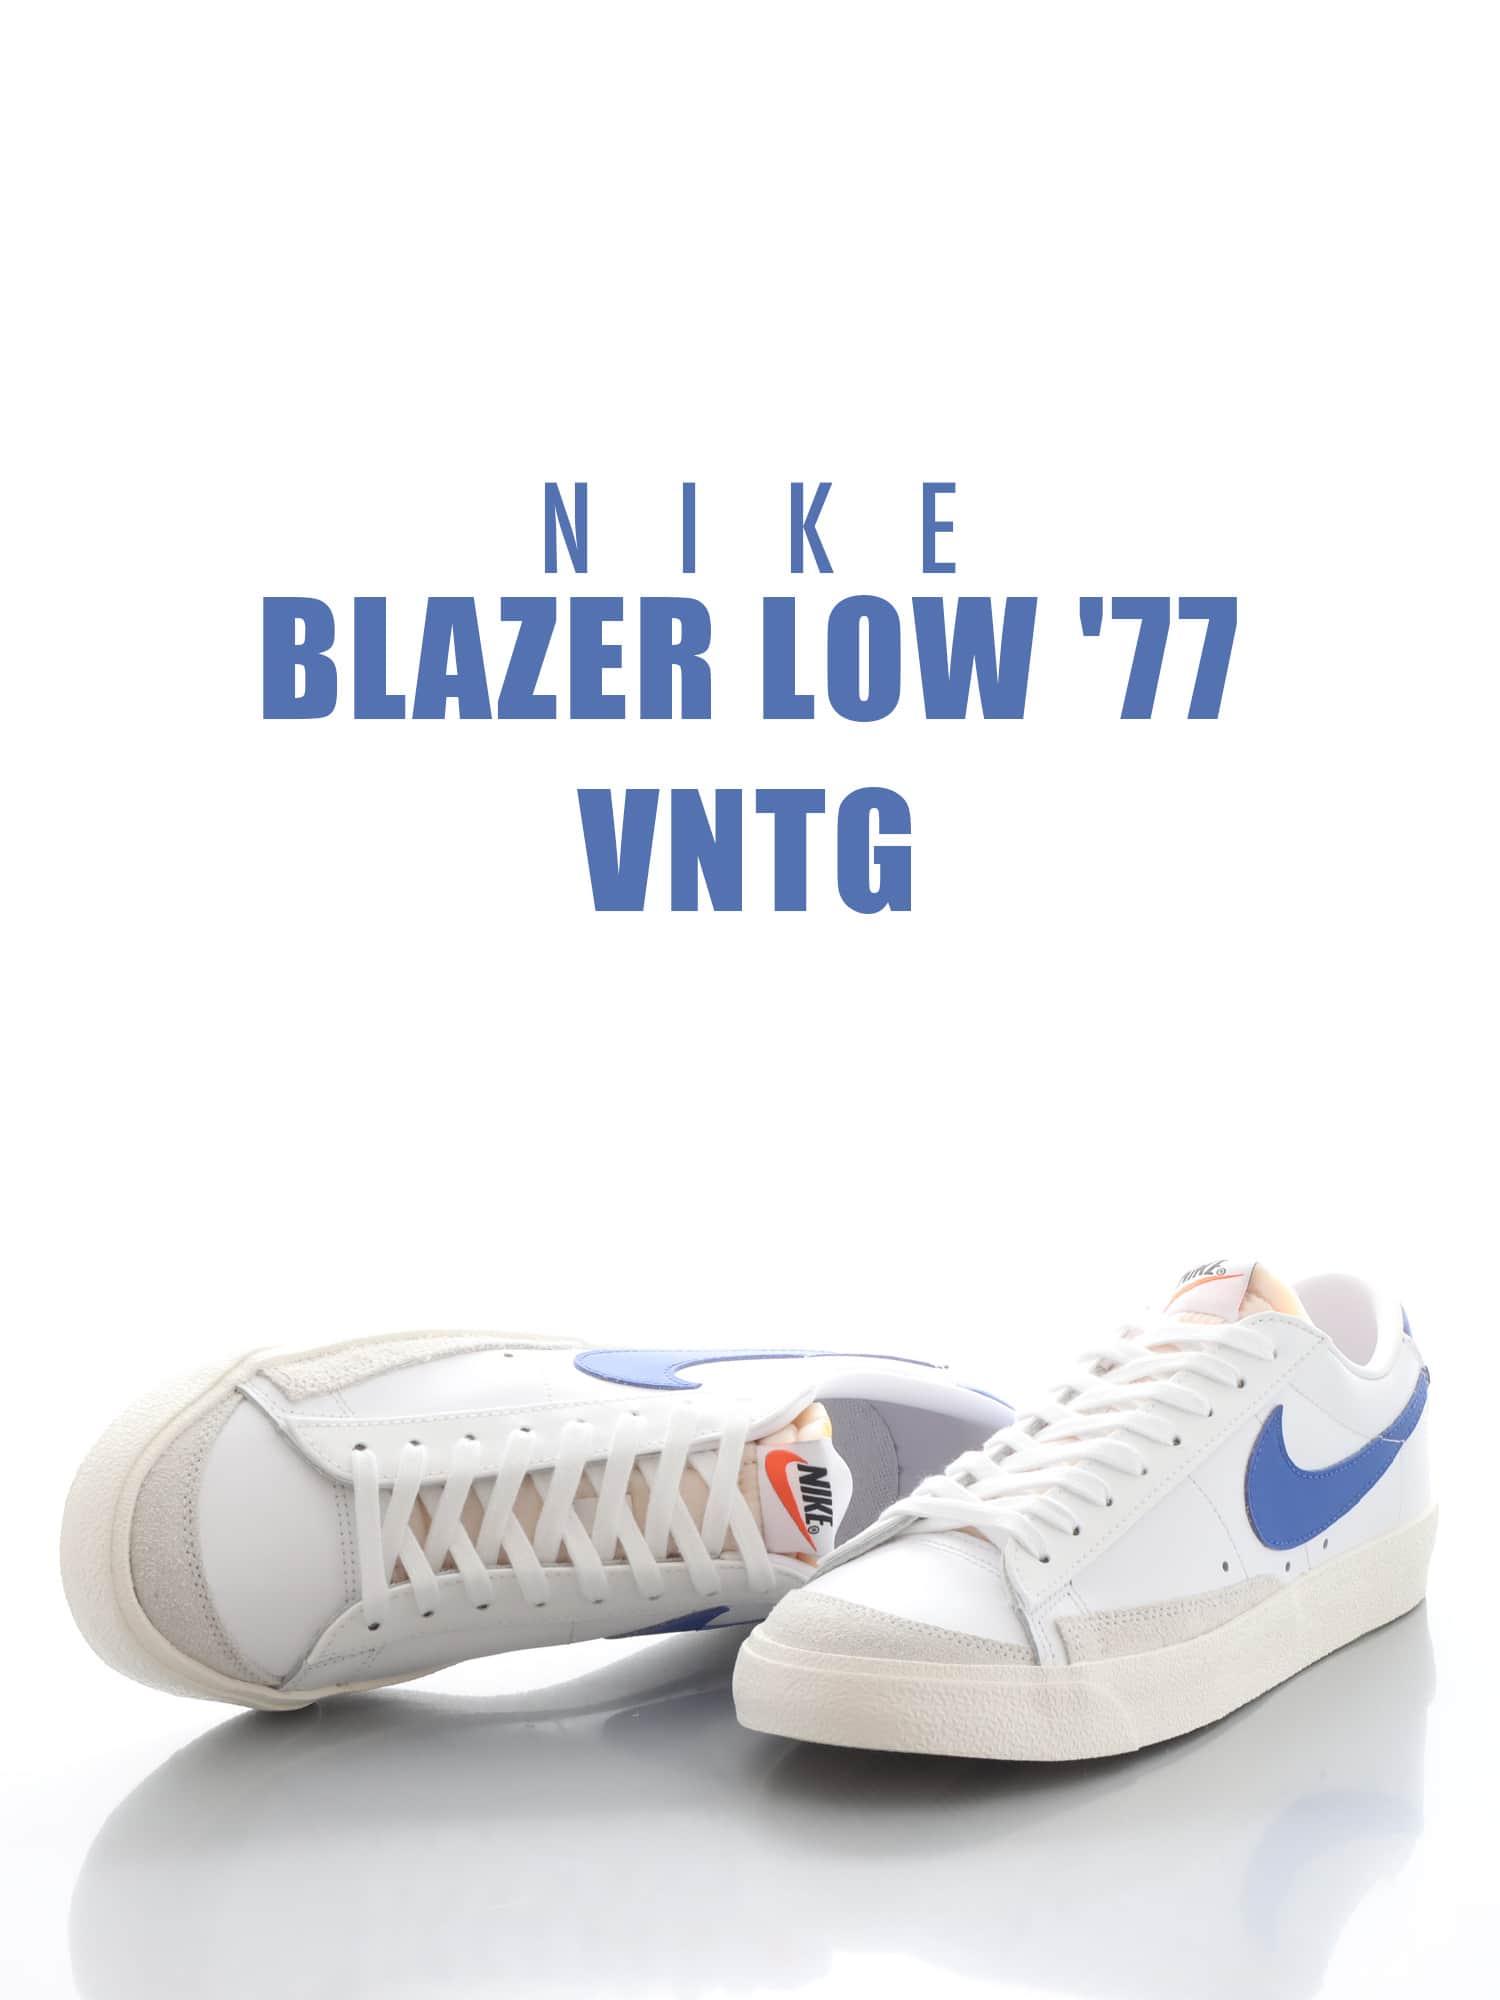 """NIKE BLAZER LOW '77 VNTG"""""""